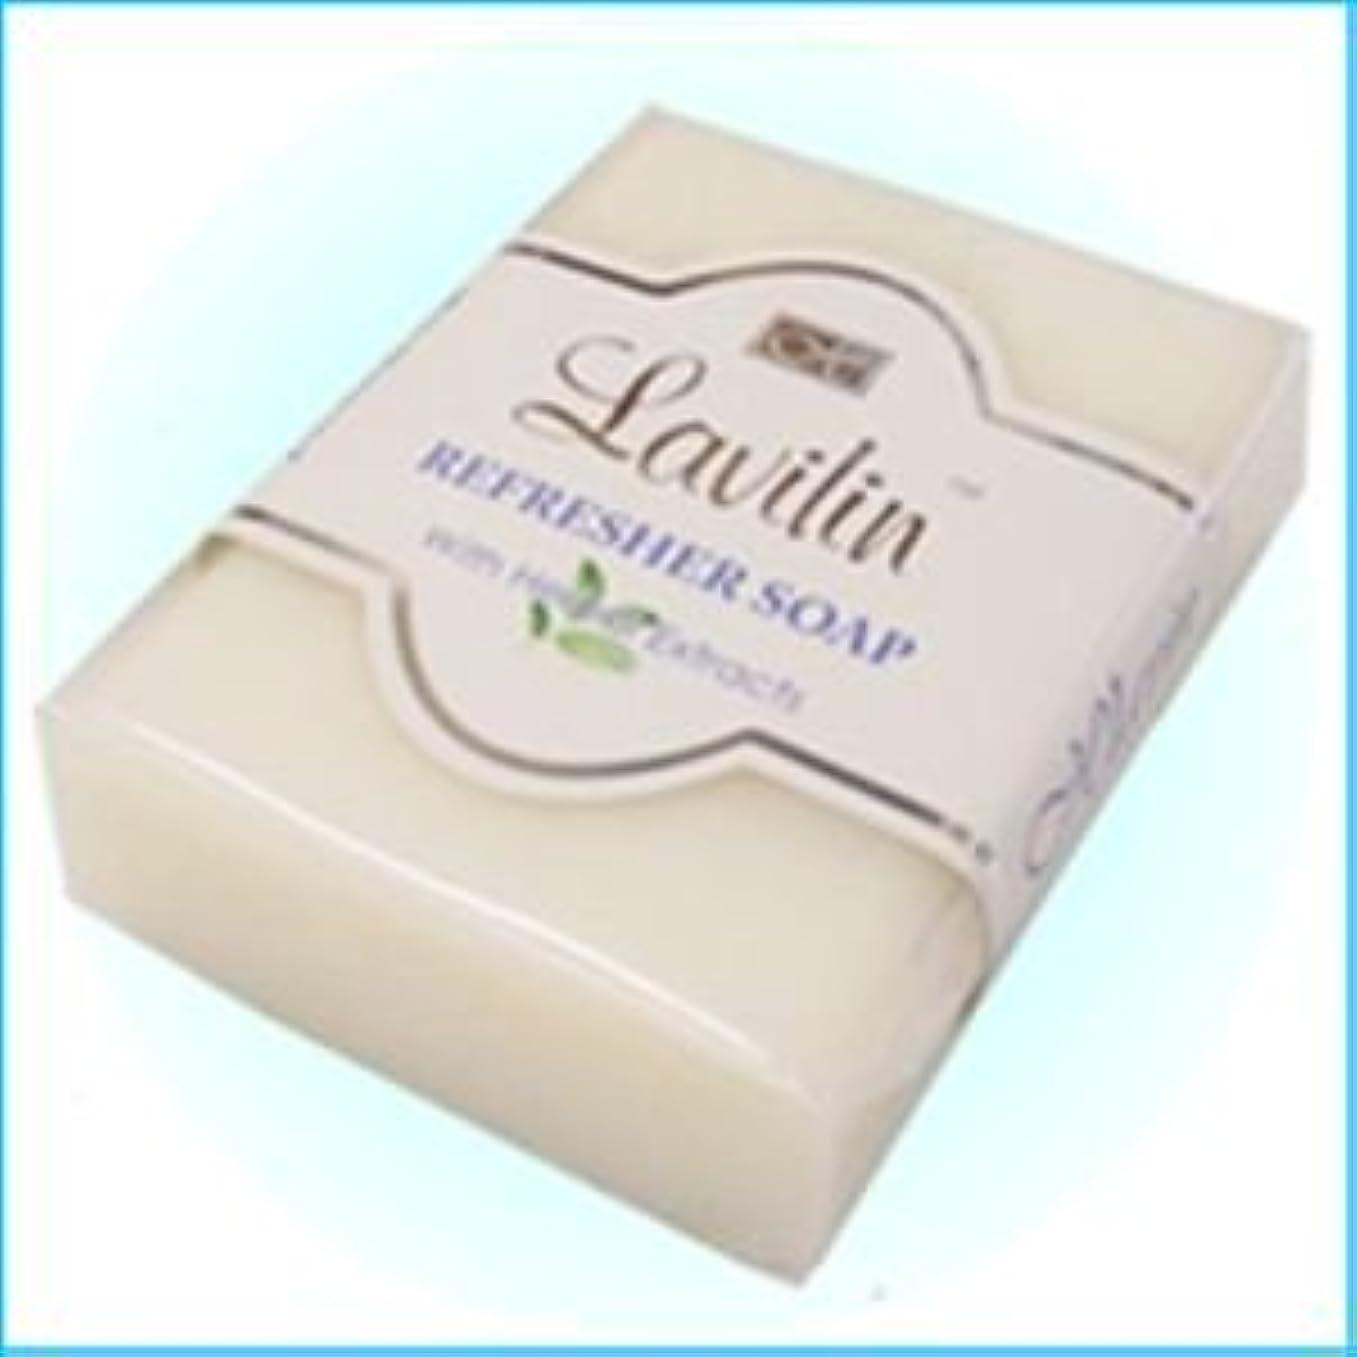 むさぼり食う建てるそれに応じてラヴィリン 消臭せっけん 新リフレッシャーソープ(Lavilin REFRESHER SOAP)